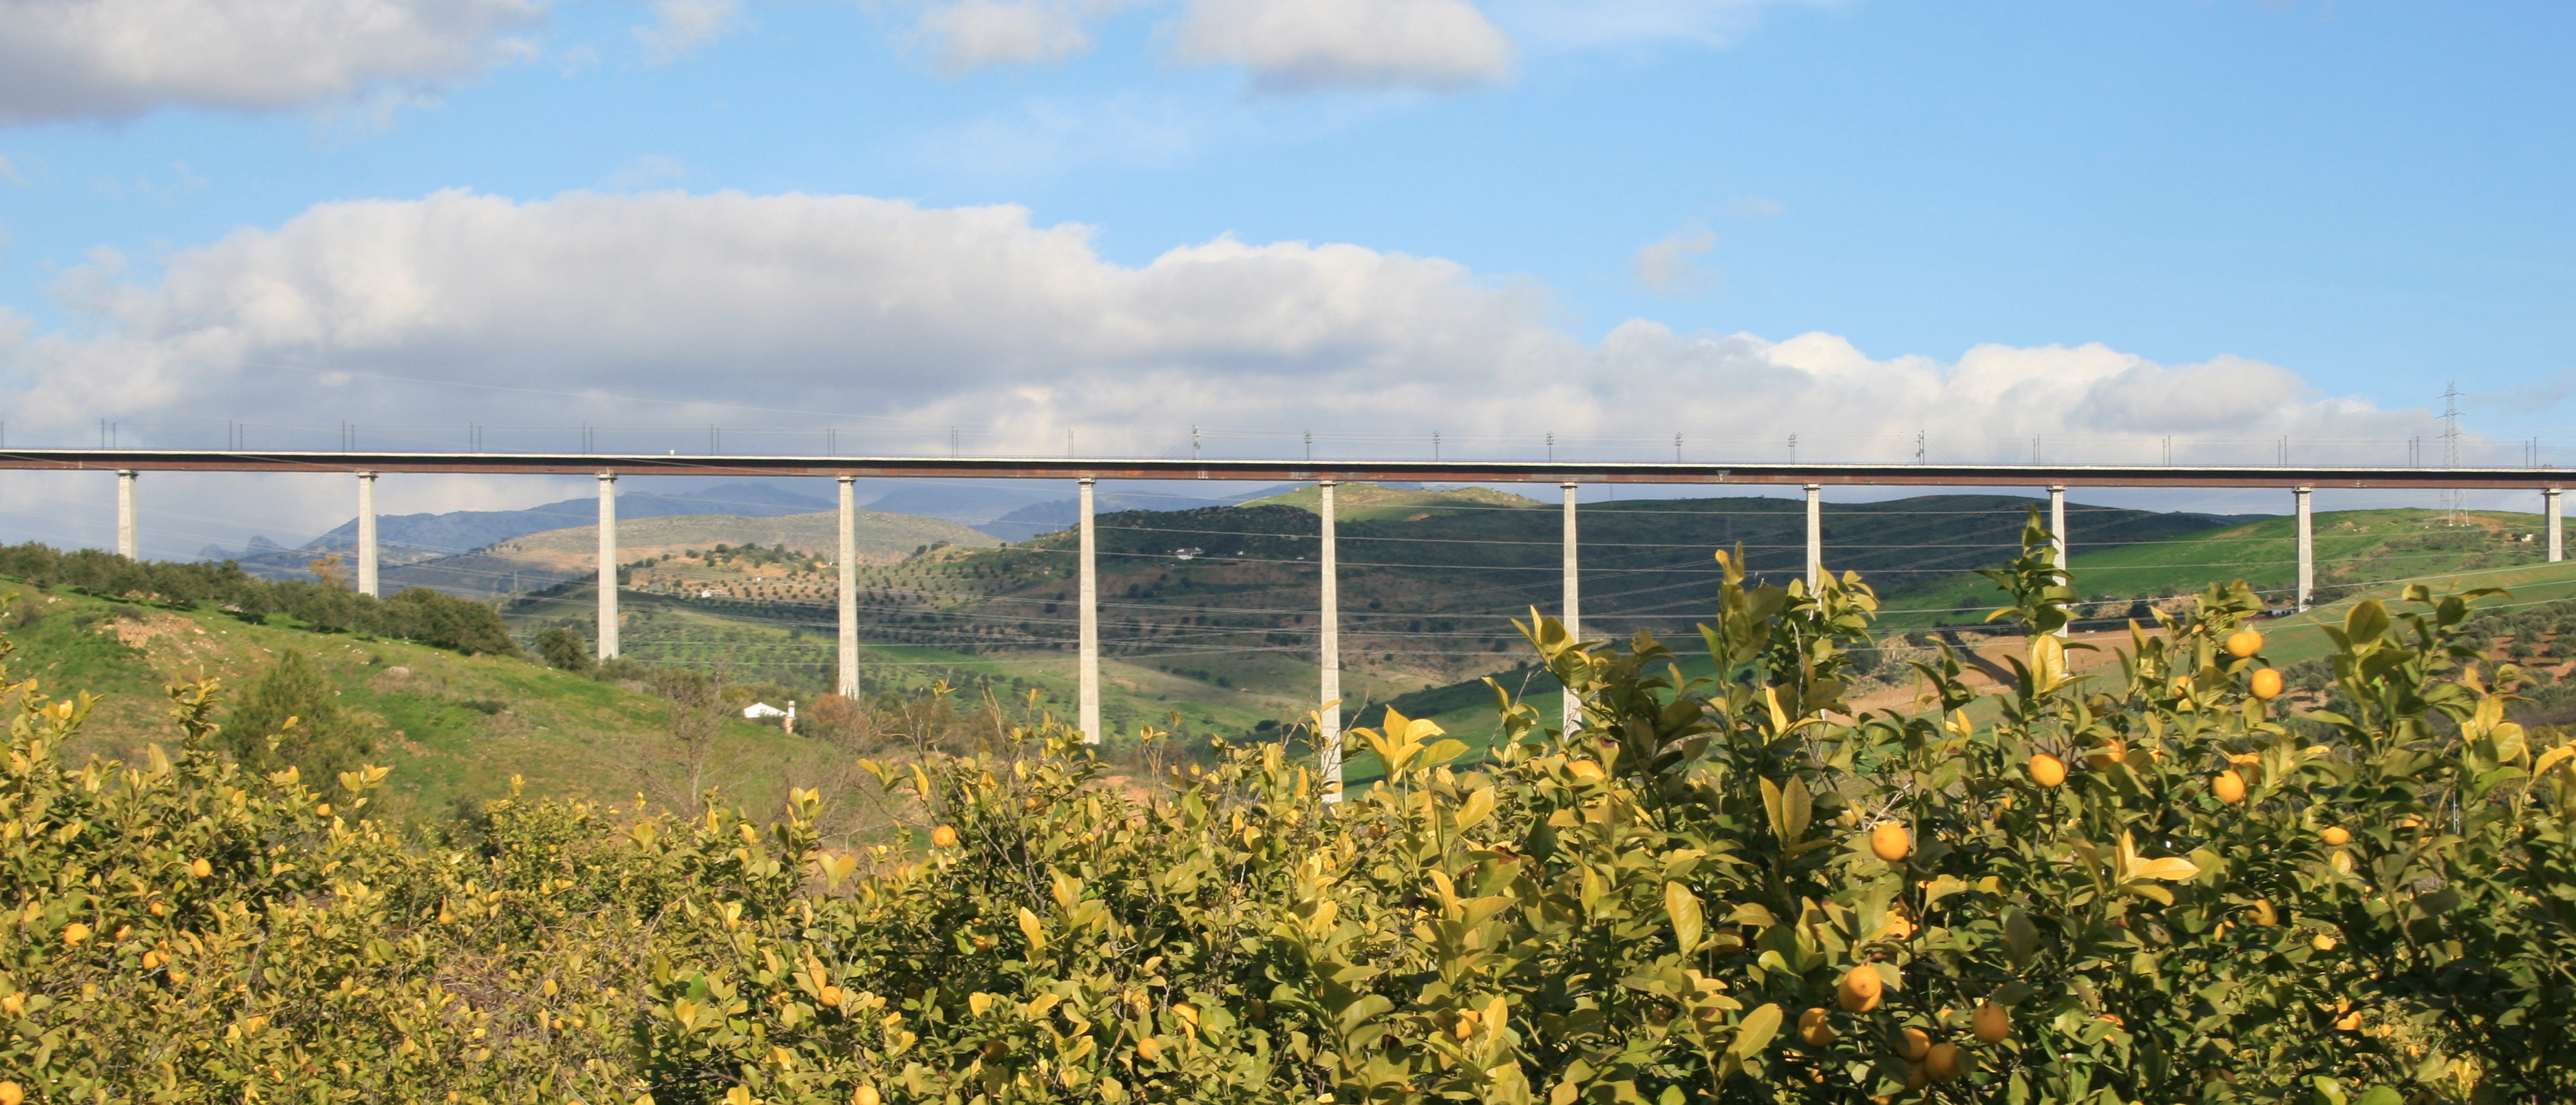 Las Piedras Viaduct in Málaga, Spain (Photo: Business Wire)